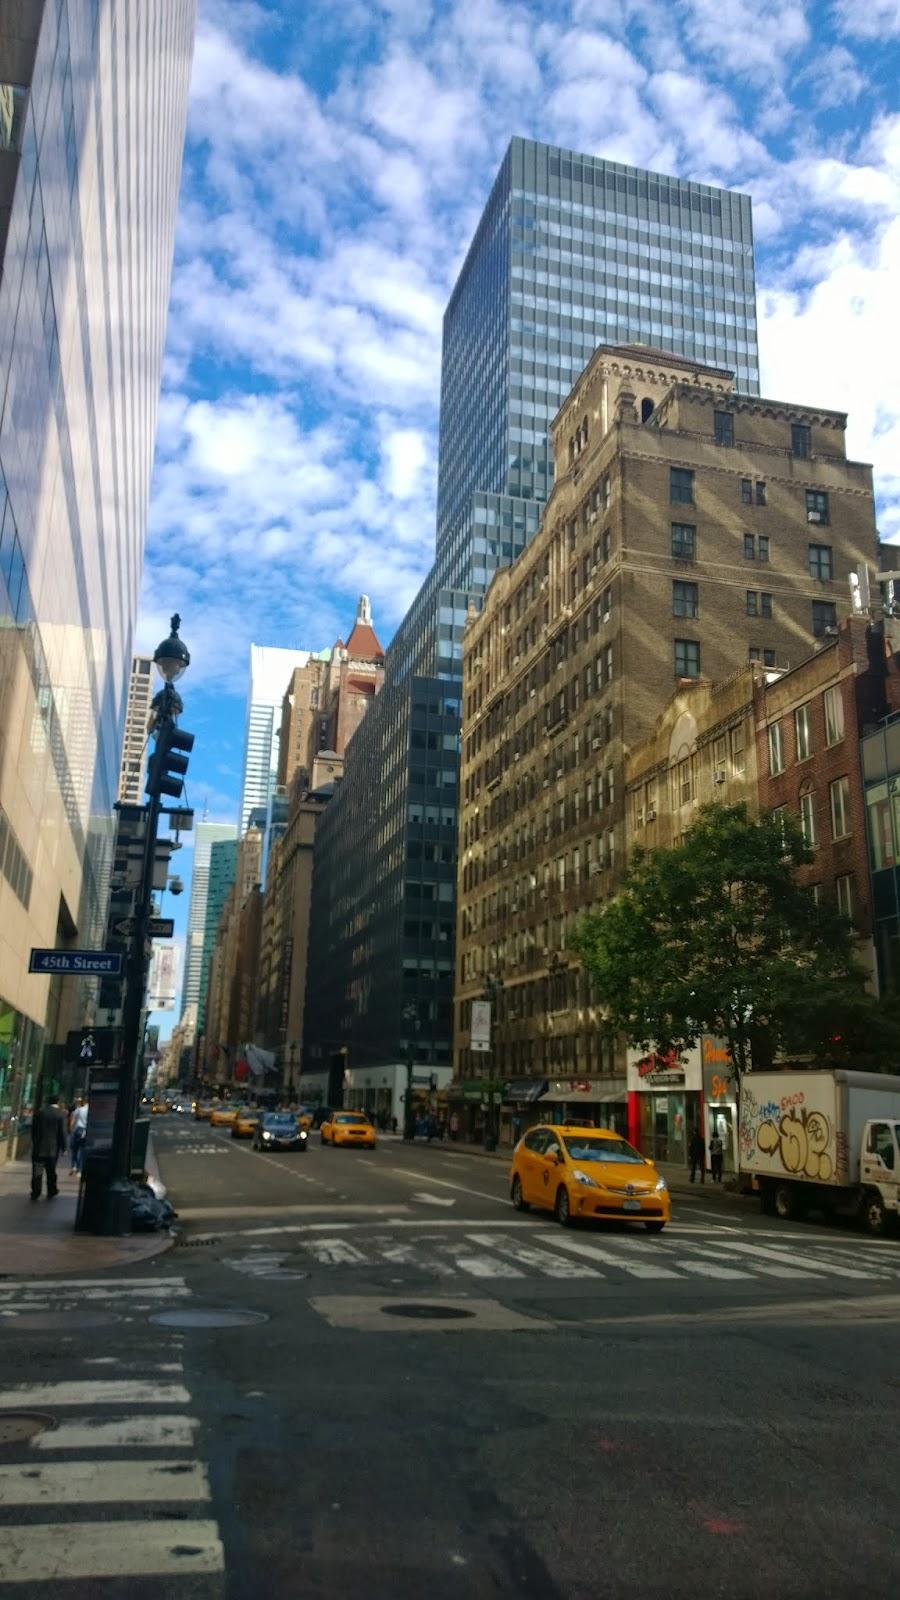 Avonturen vanuit ons hoekje van de wereld: anderhalve dag new york ...